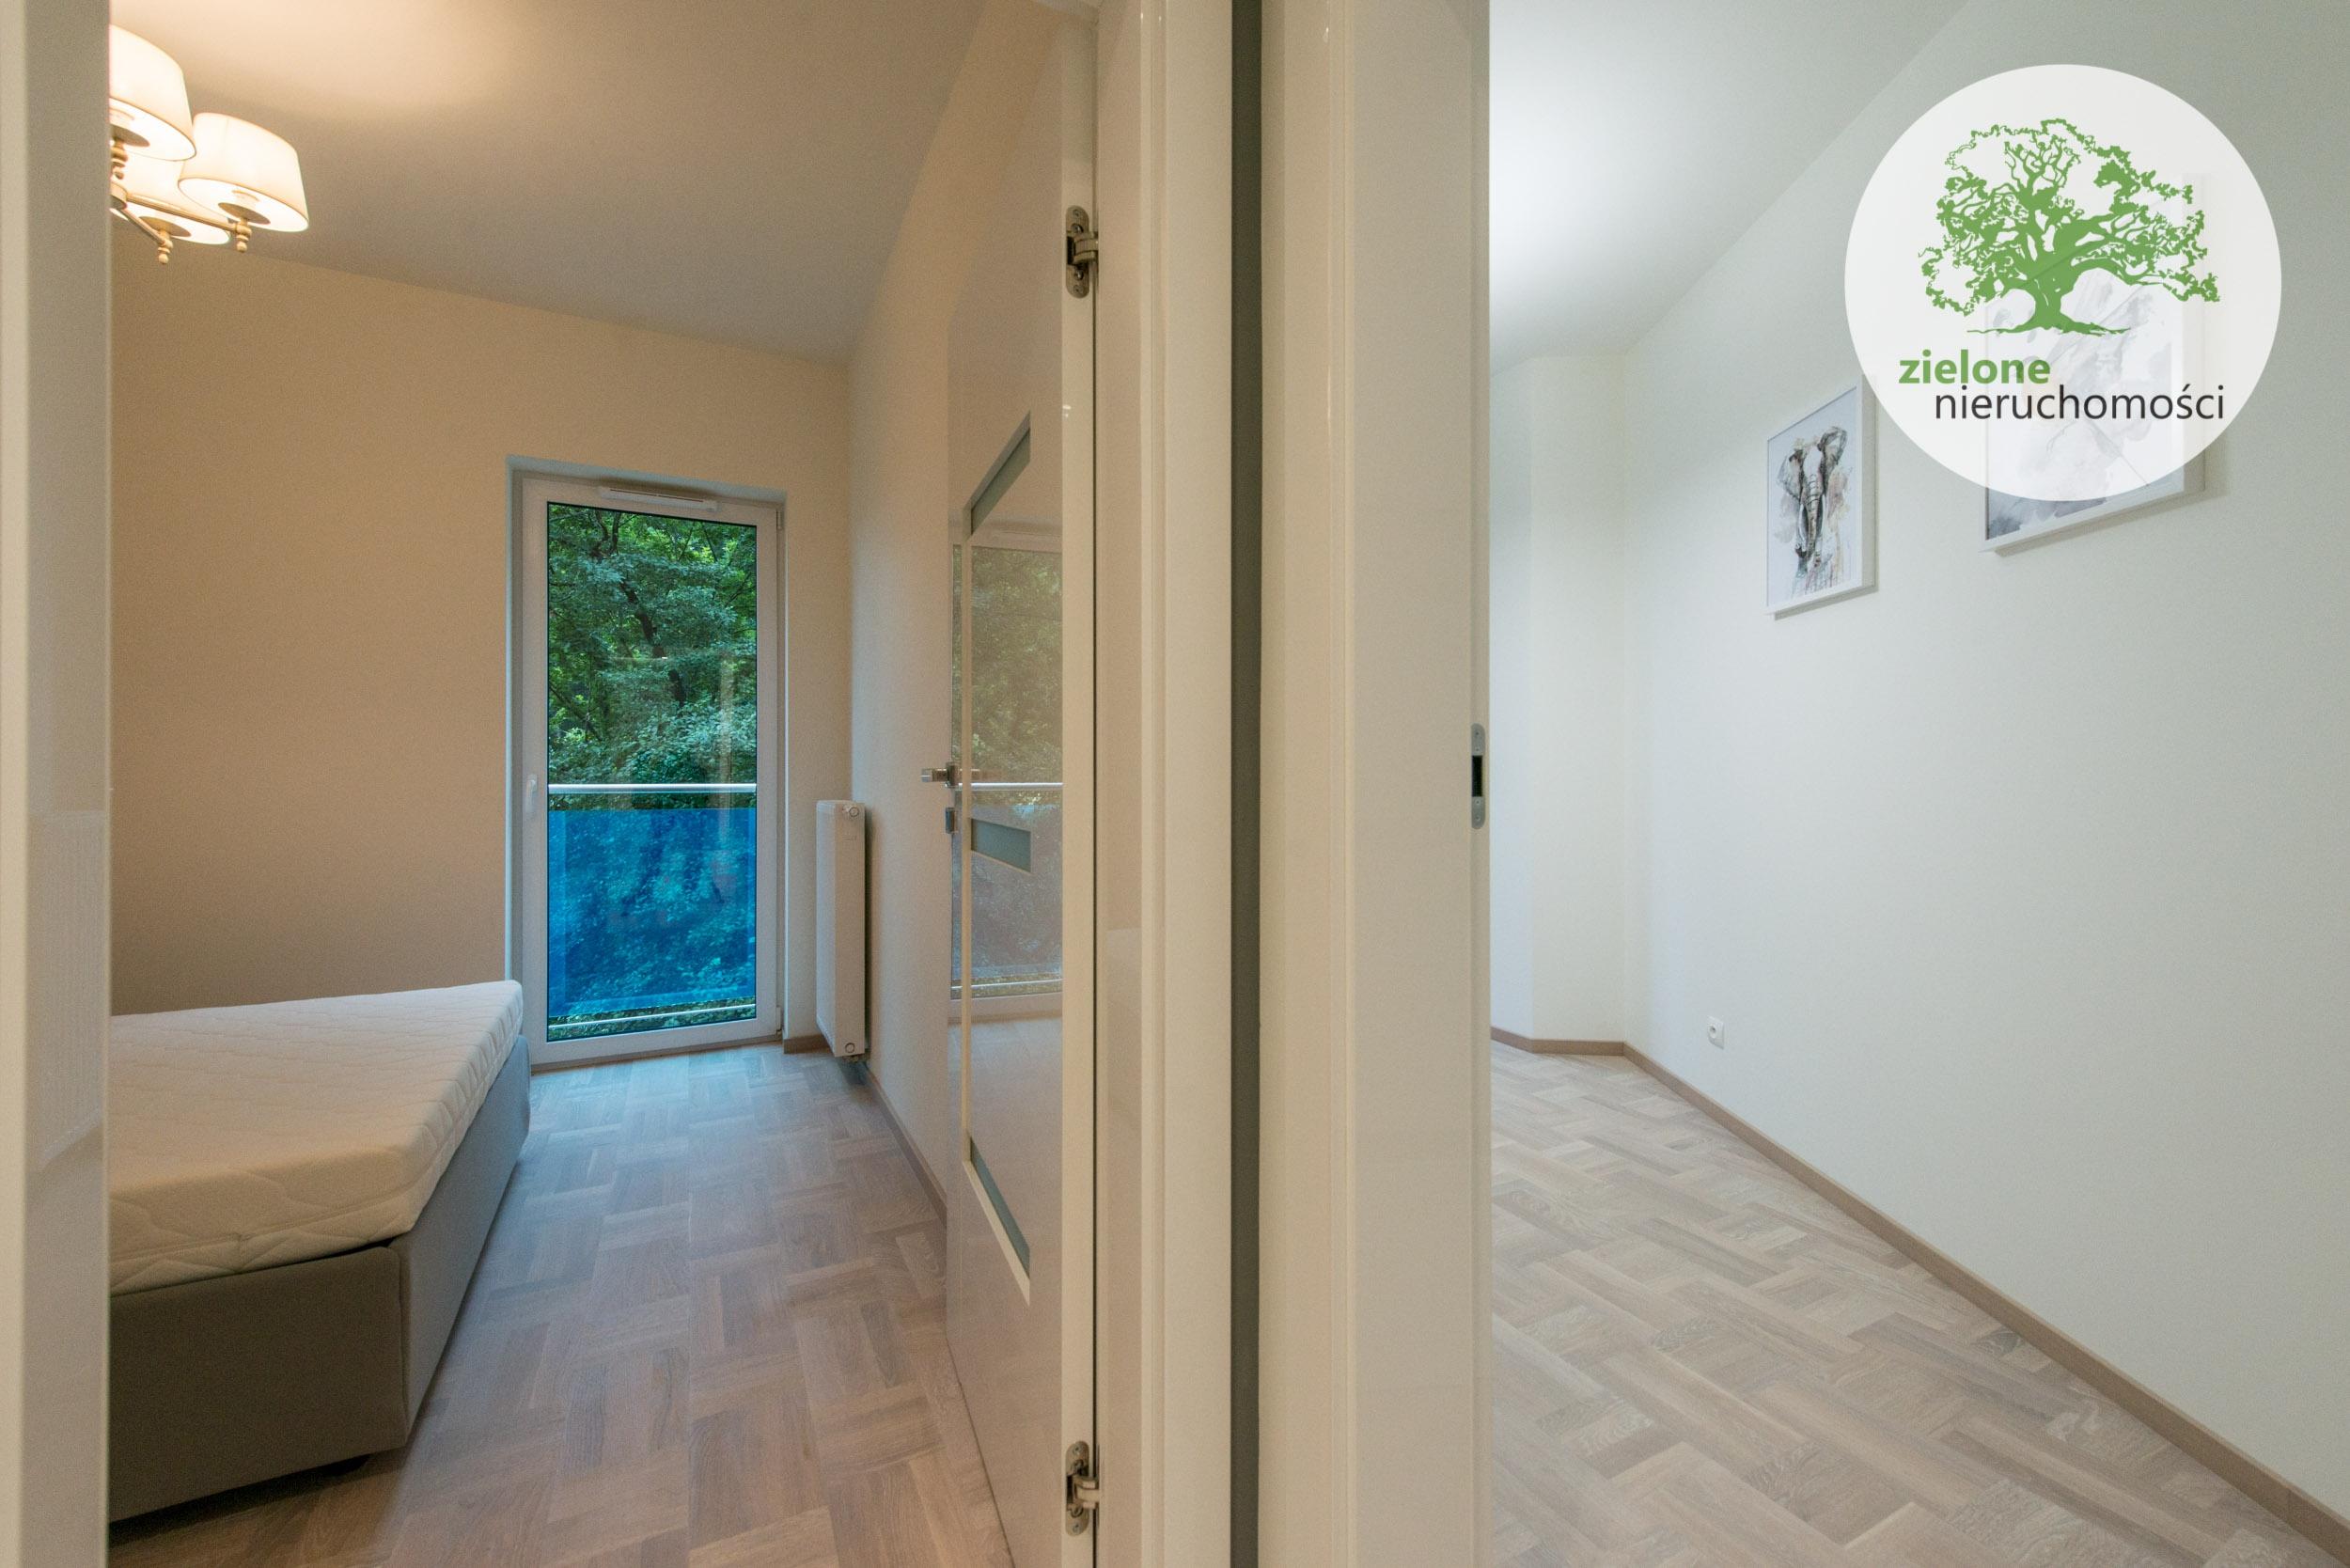 Zdjęcie 9Nowoczesny apartament w pobliżu centrum Bielska - Białej